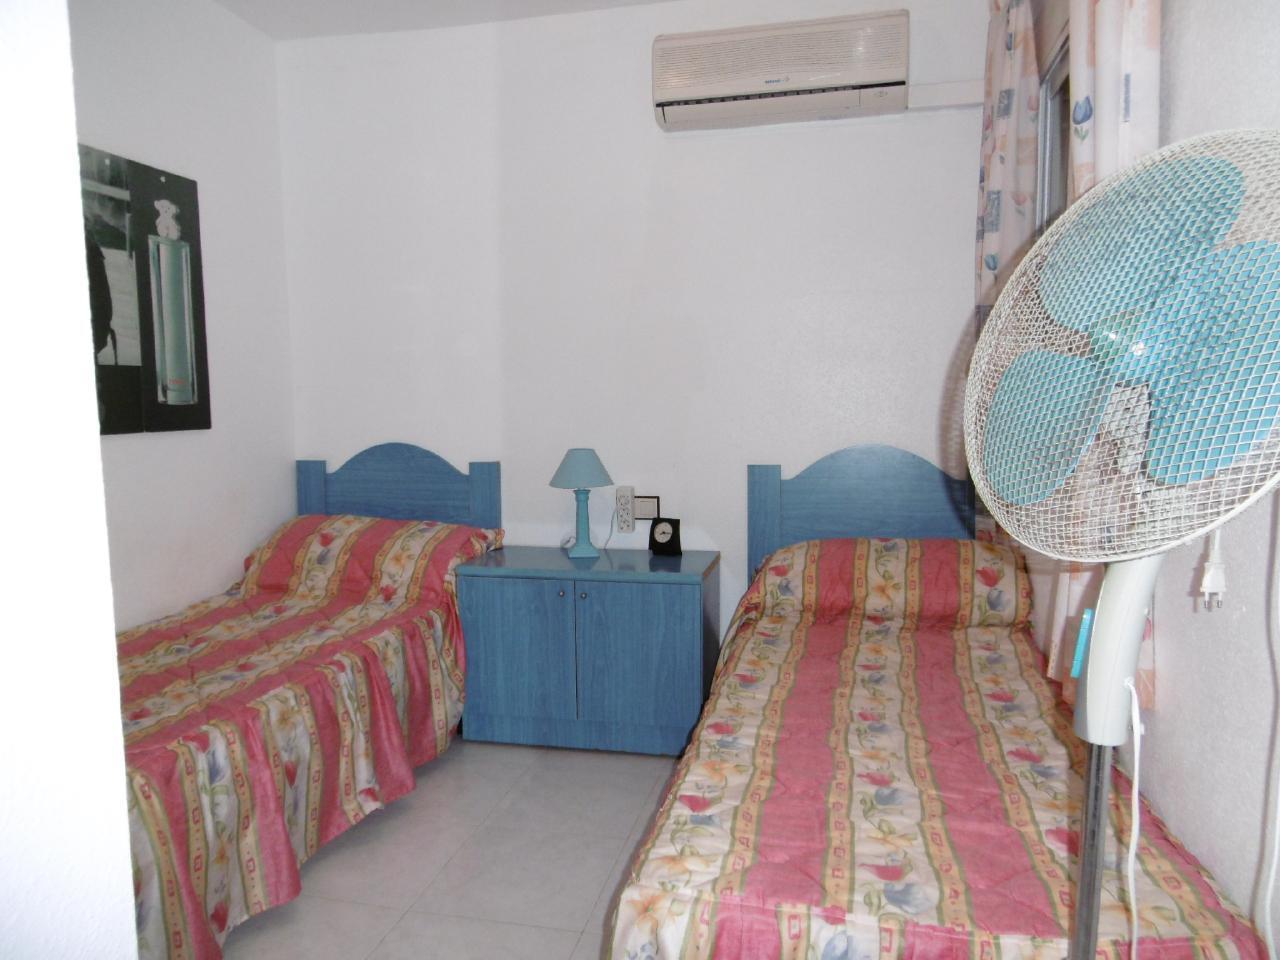 Ferienwohnung 4 Personen 62qm Costa Blanca (118835), Orihuela-Costa, Costa Blanca, Valencia, Spanien, Bild 5